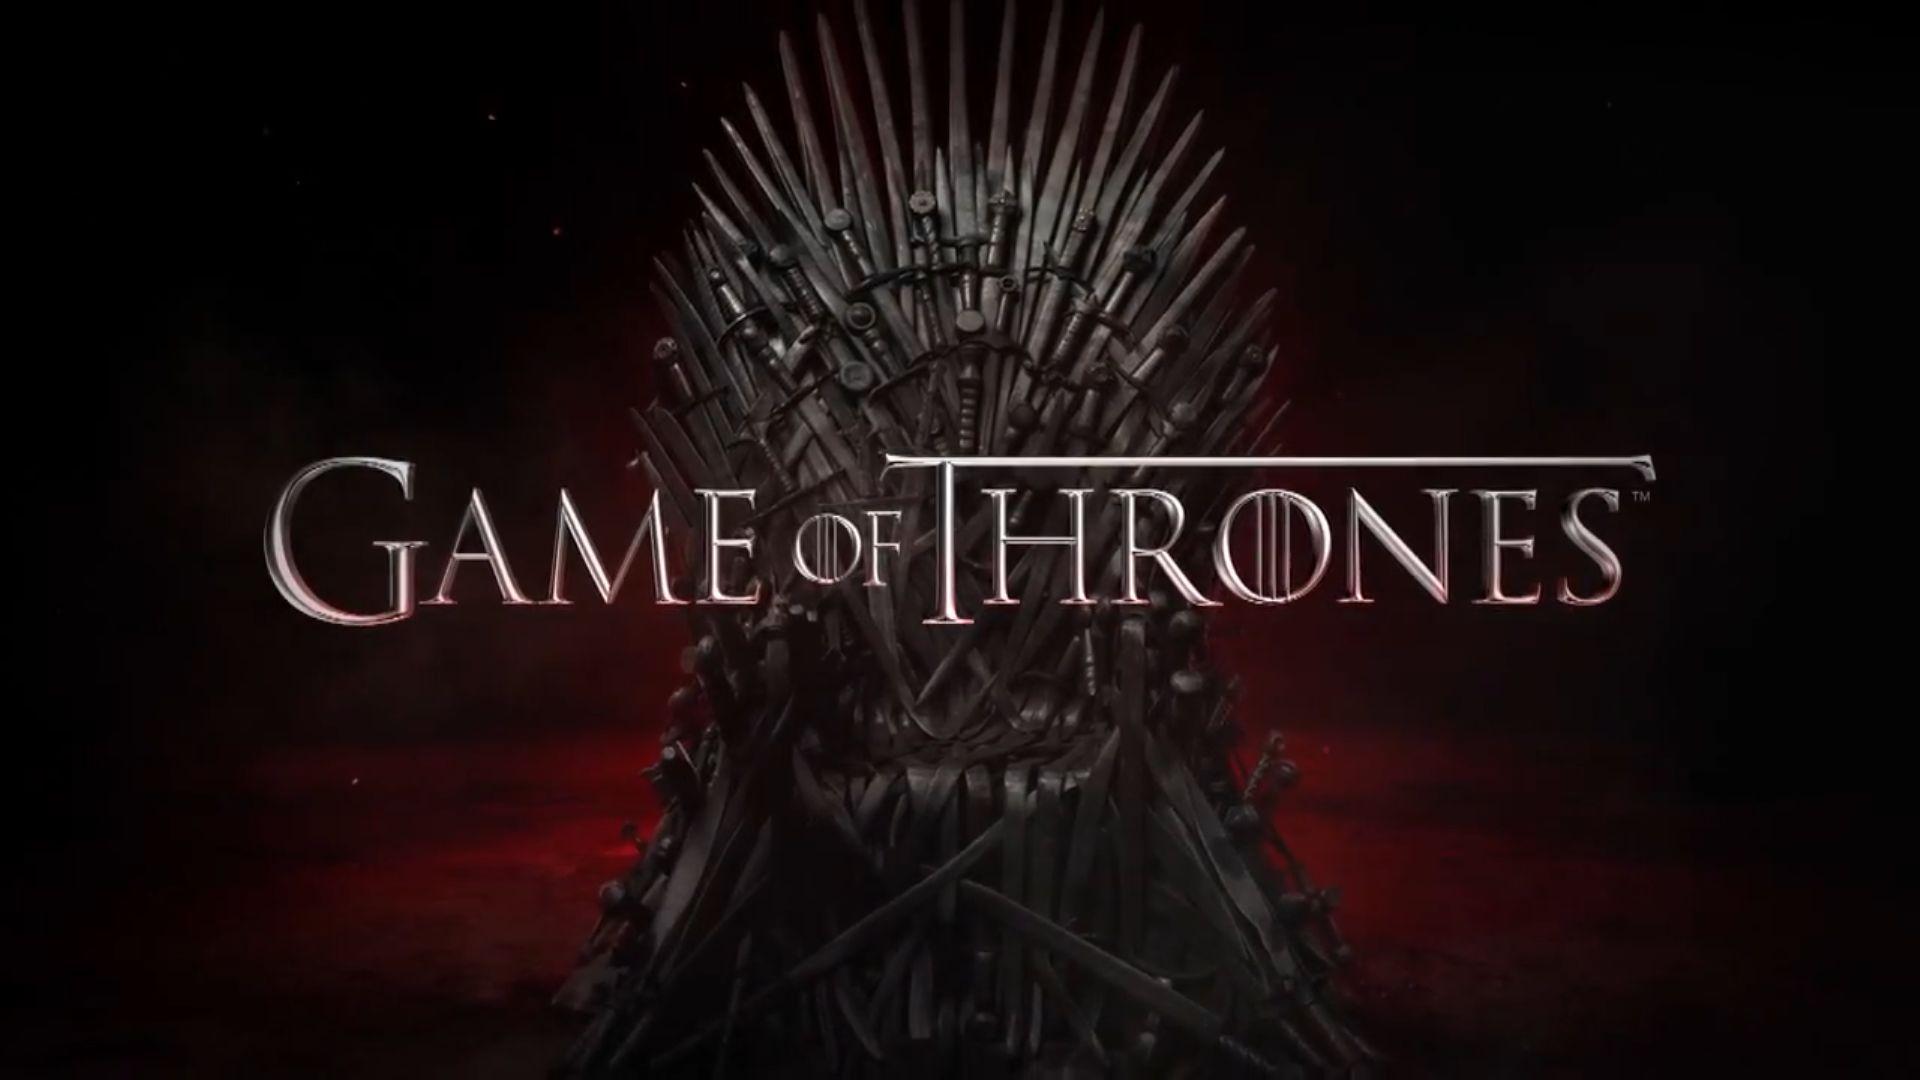 Affiche de la série Game of Thrones représentant le trône construit en armes blanches